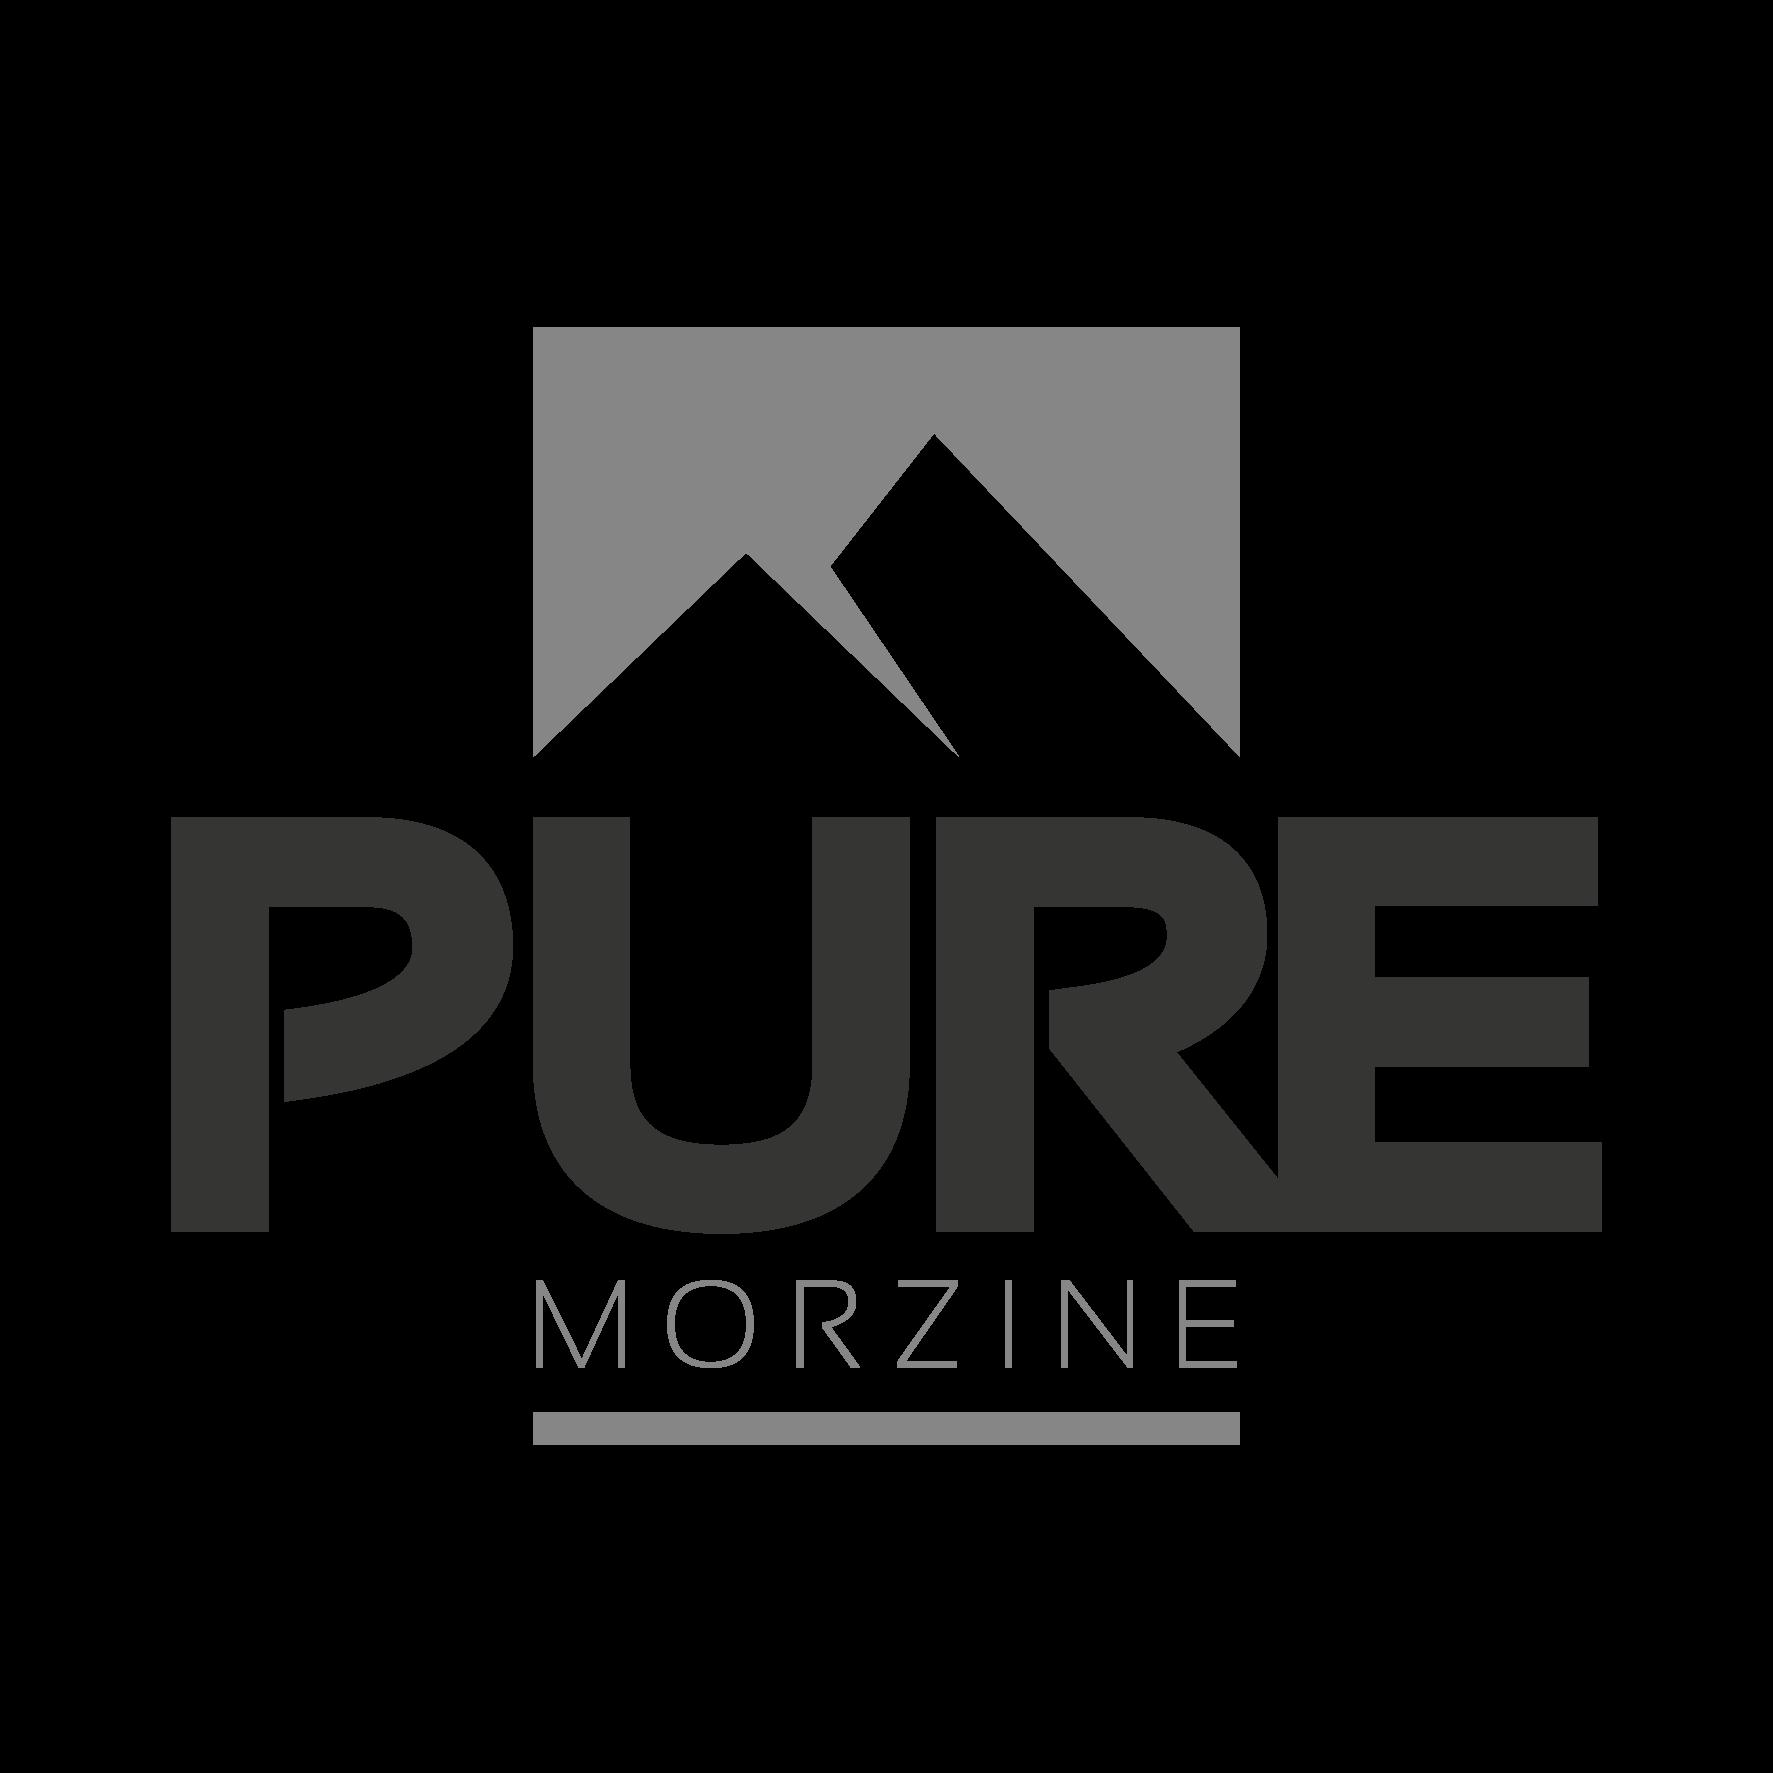 Pure Morzine